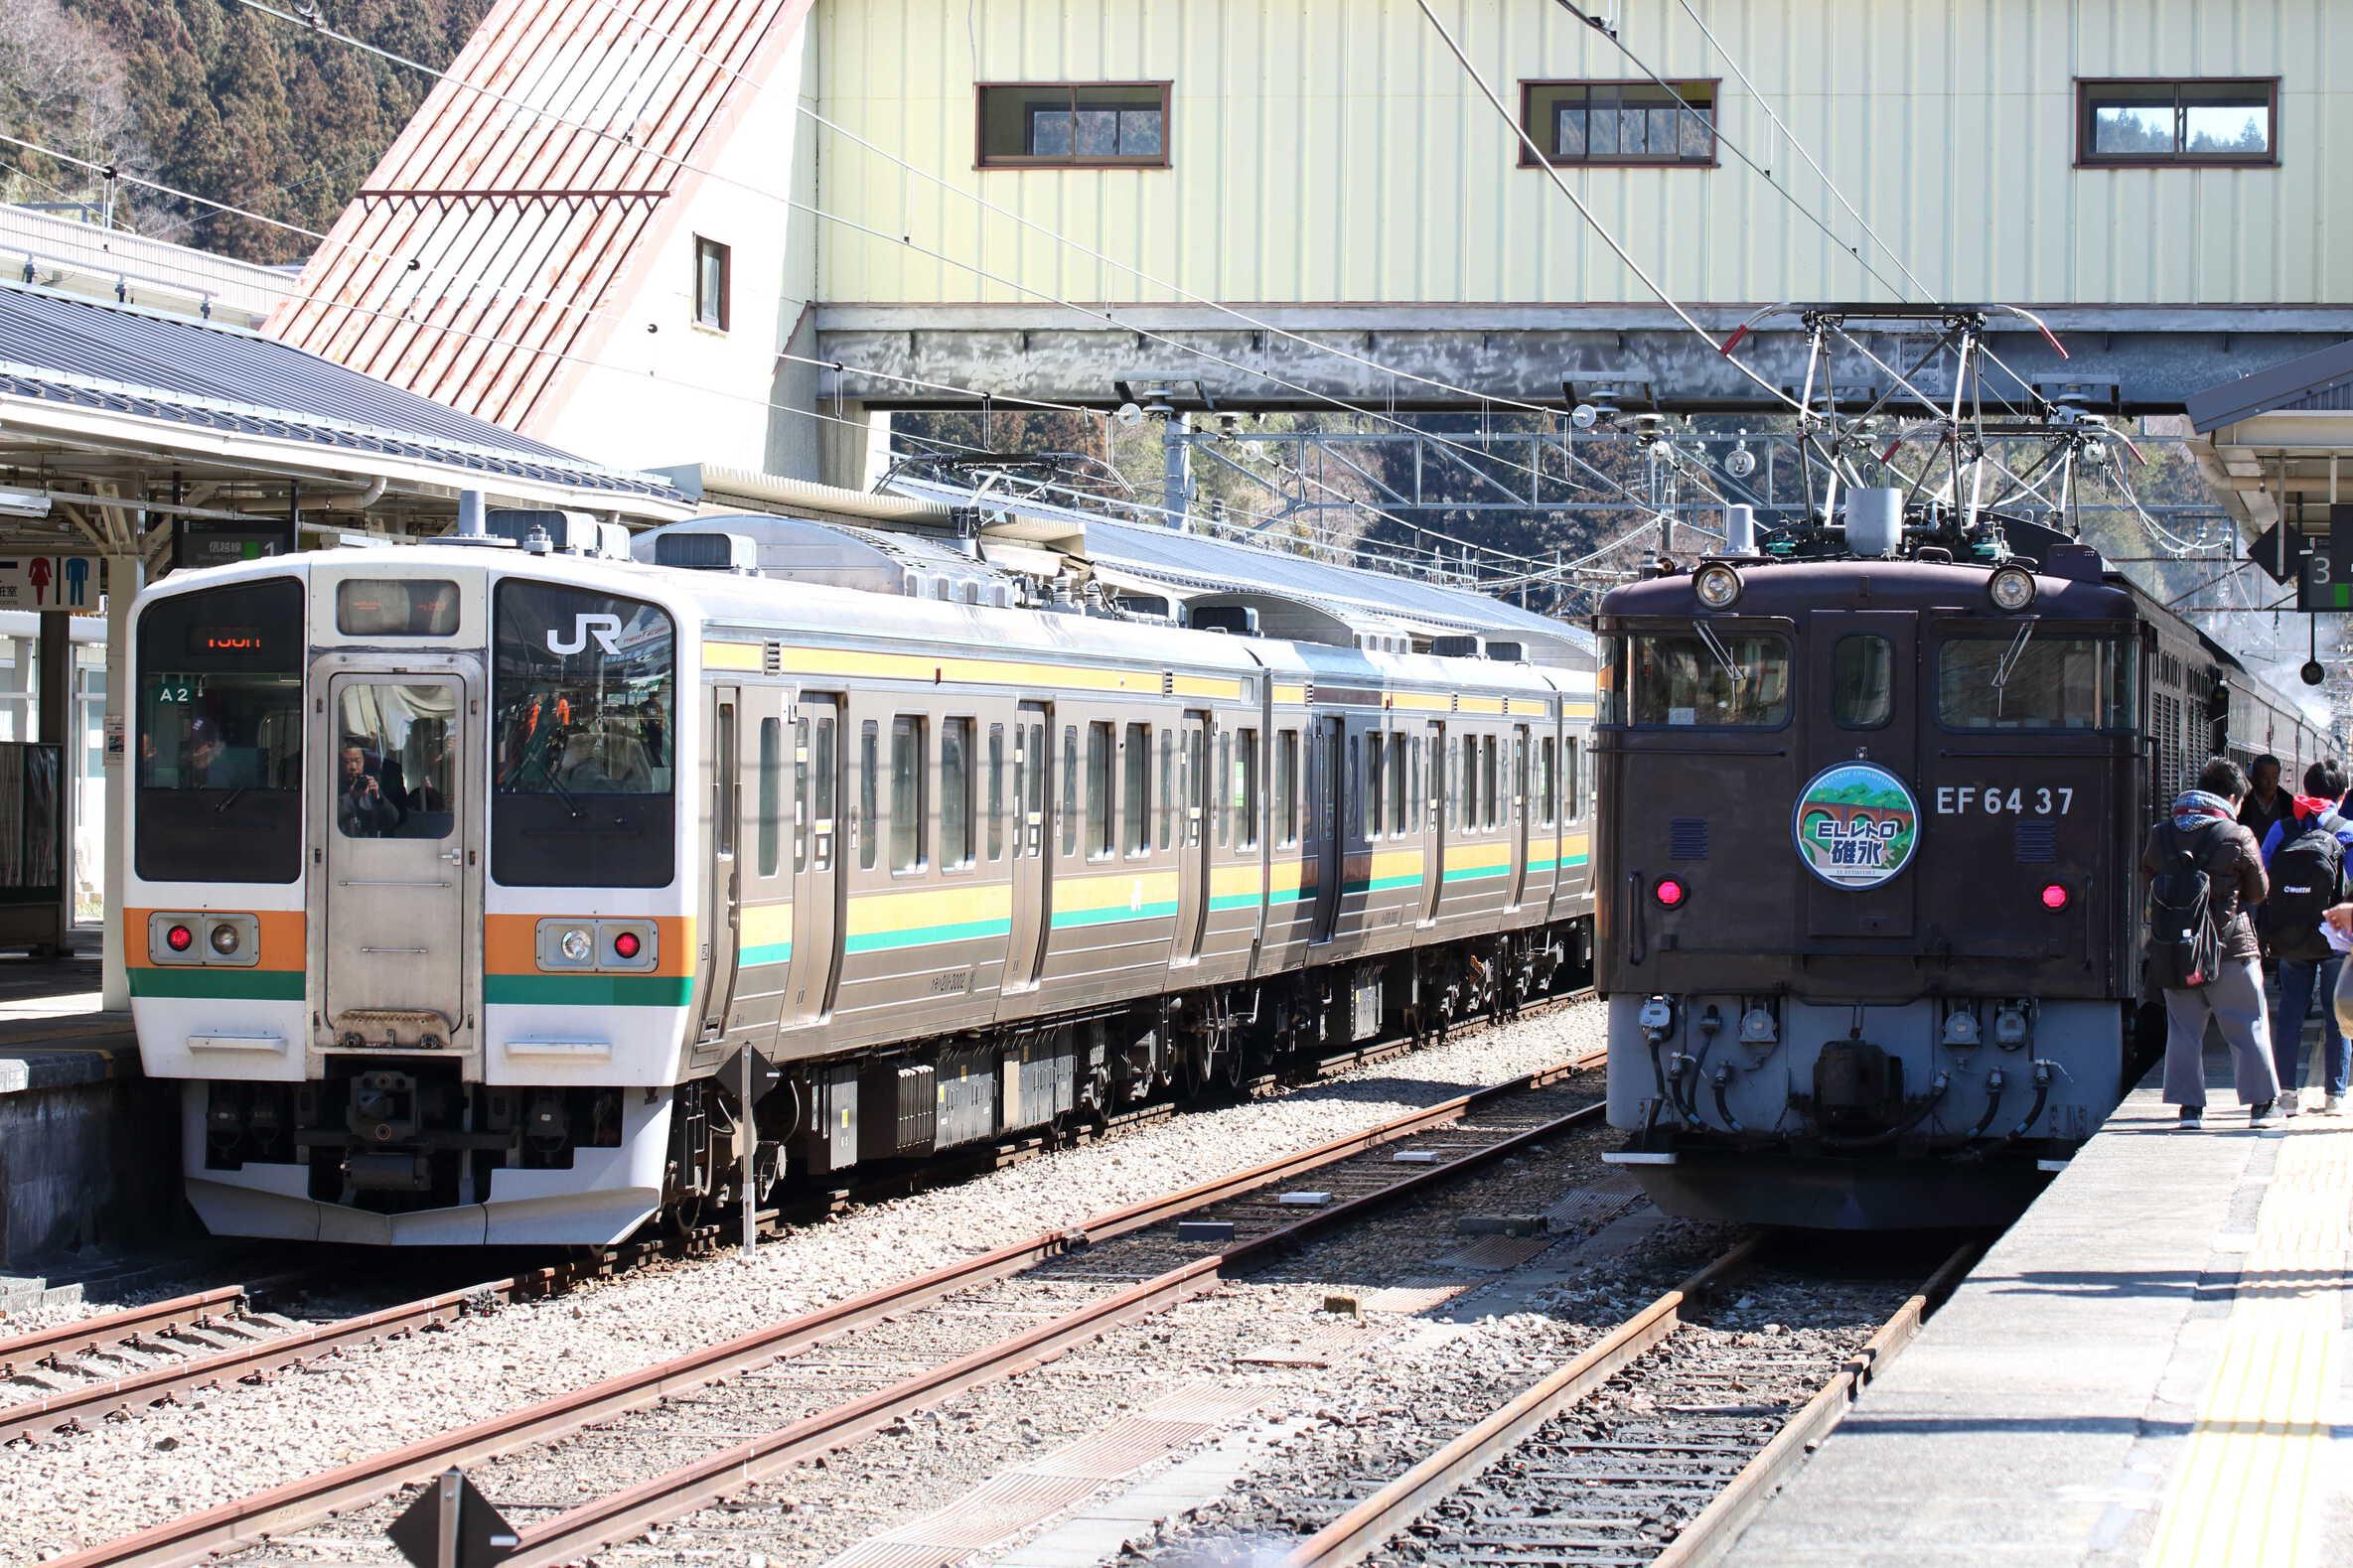 9136列車 EF64-37[高]+旧客5両+C61-20[高] / 131M〜138M 211系 高タカA2編成